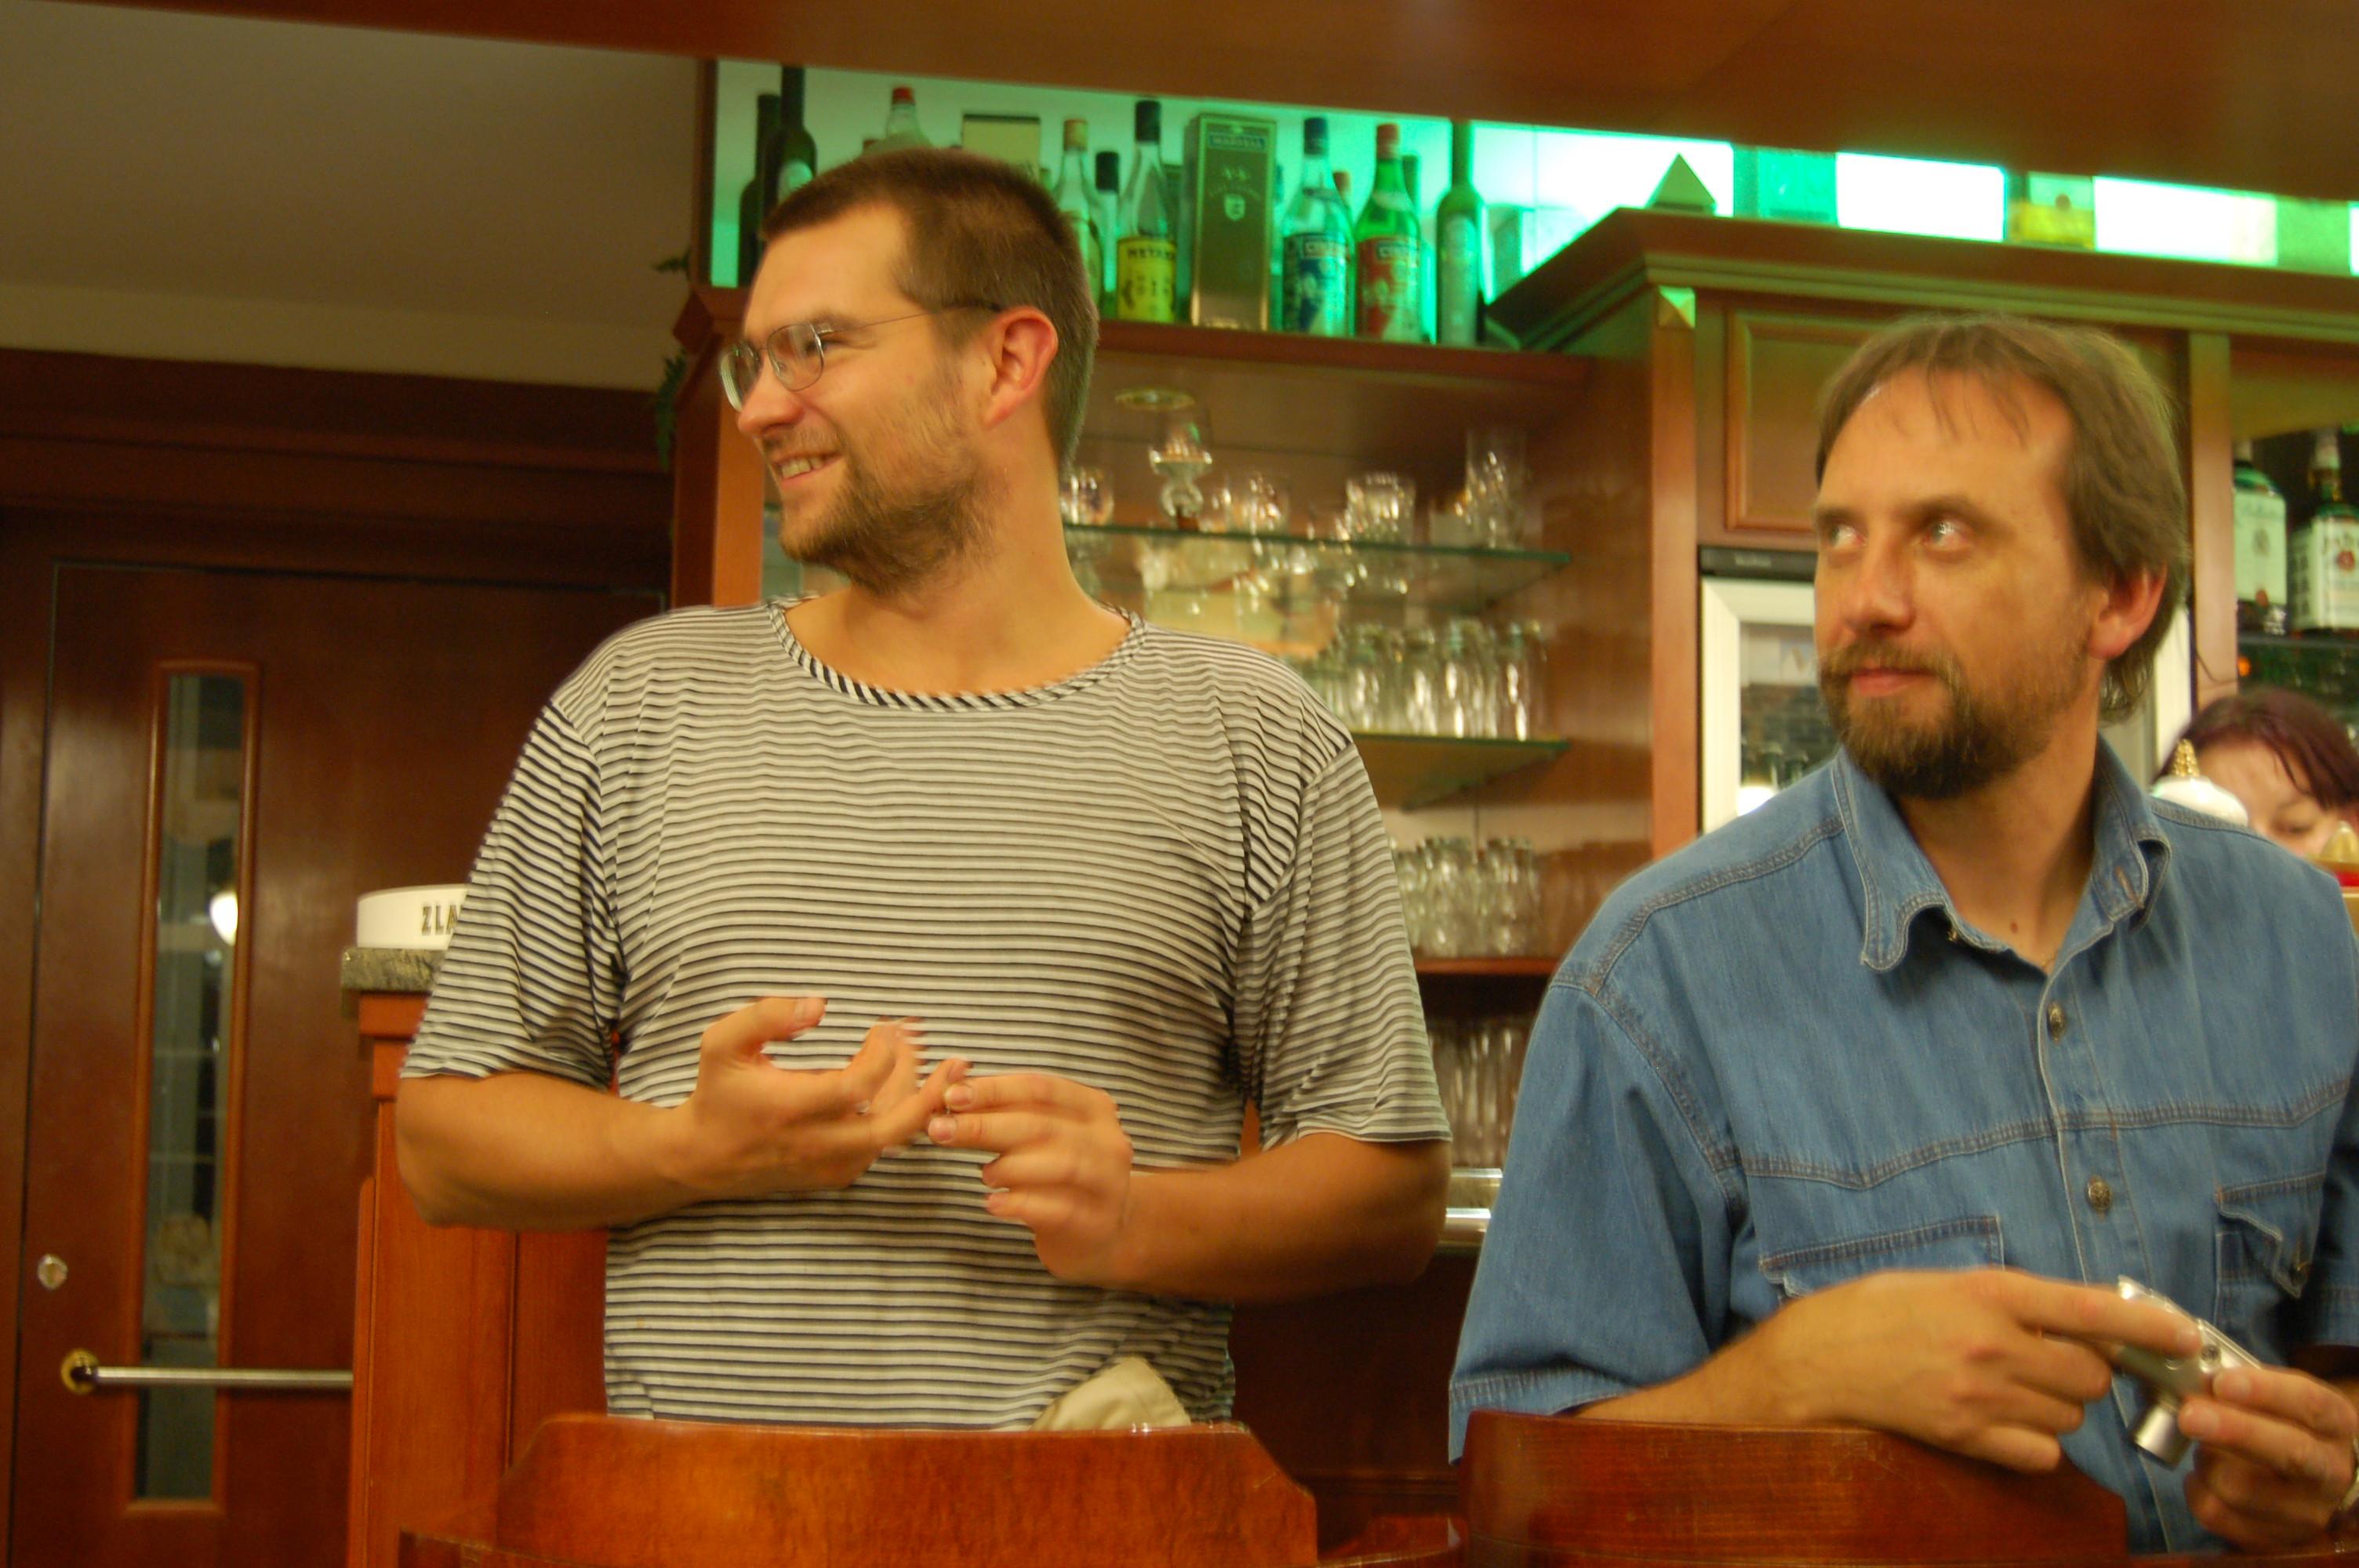 Aurel Klimt a šéf festivalu 70 mm filmu Pavel Tomešek